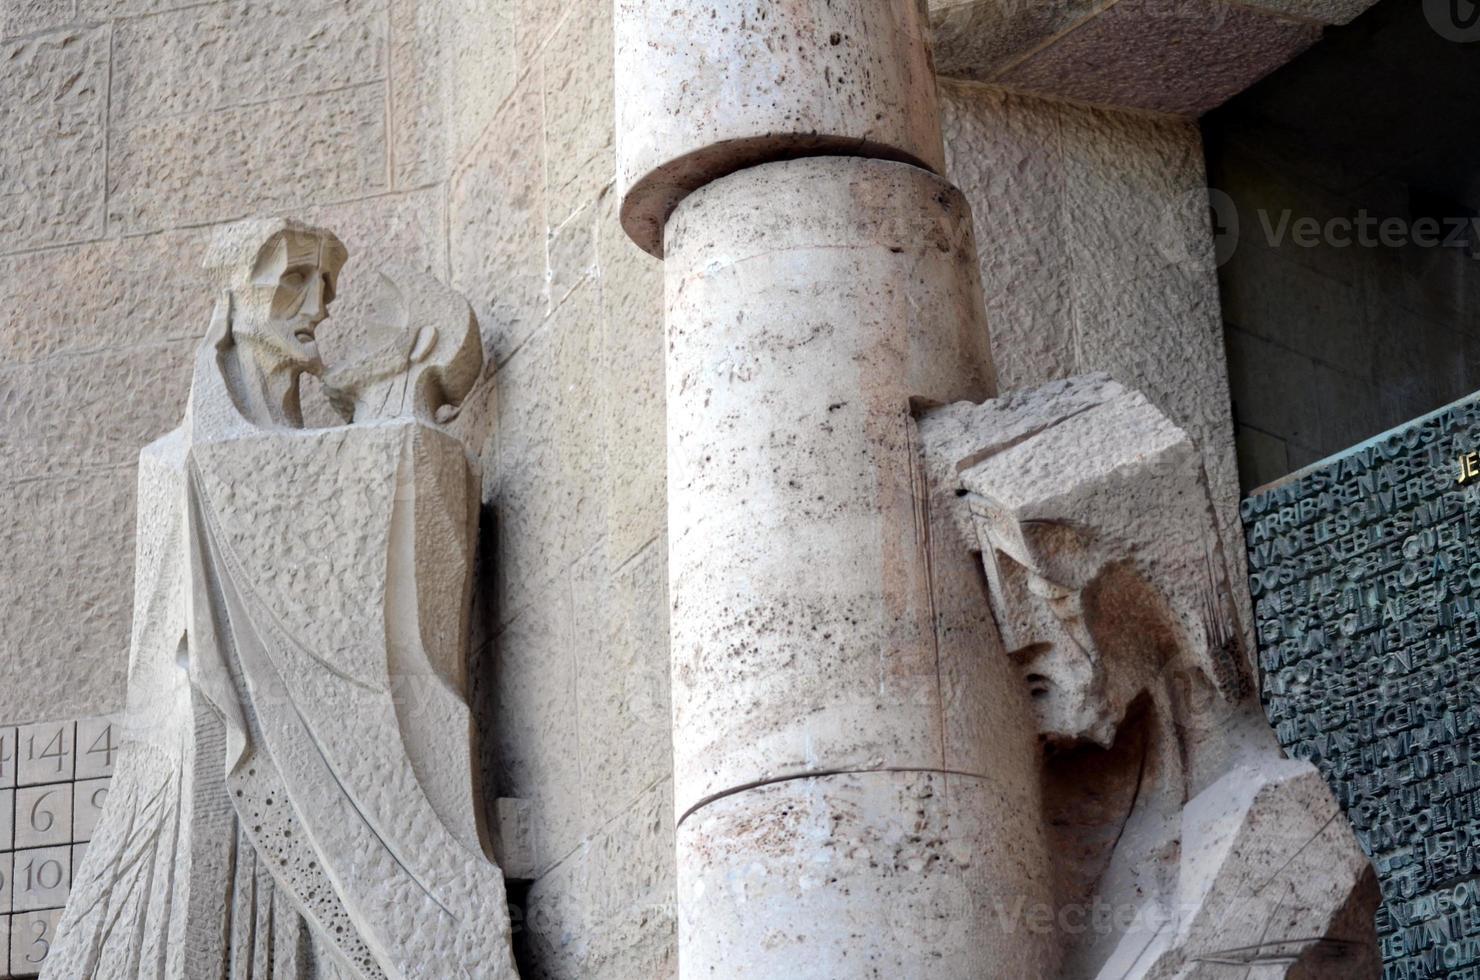 detalhes arquitetônicos da sagrada família barcelona foto